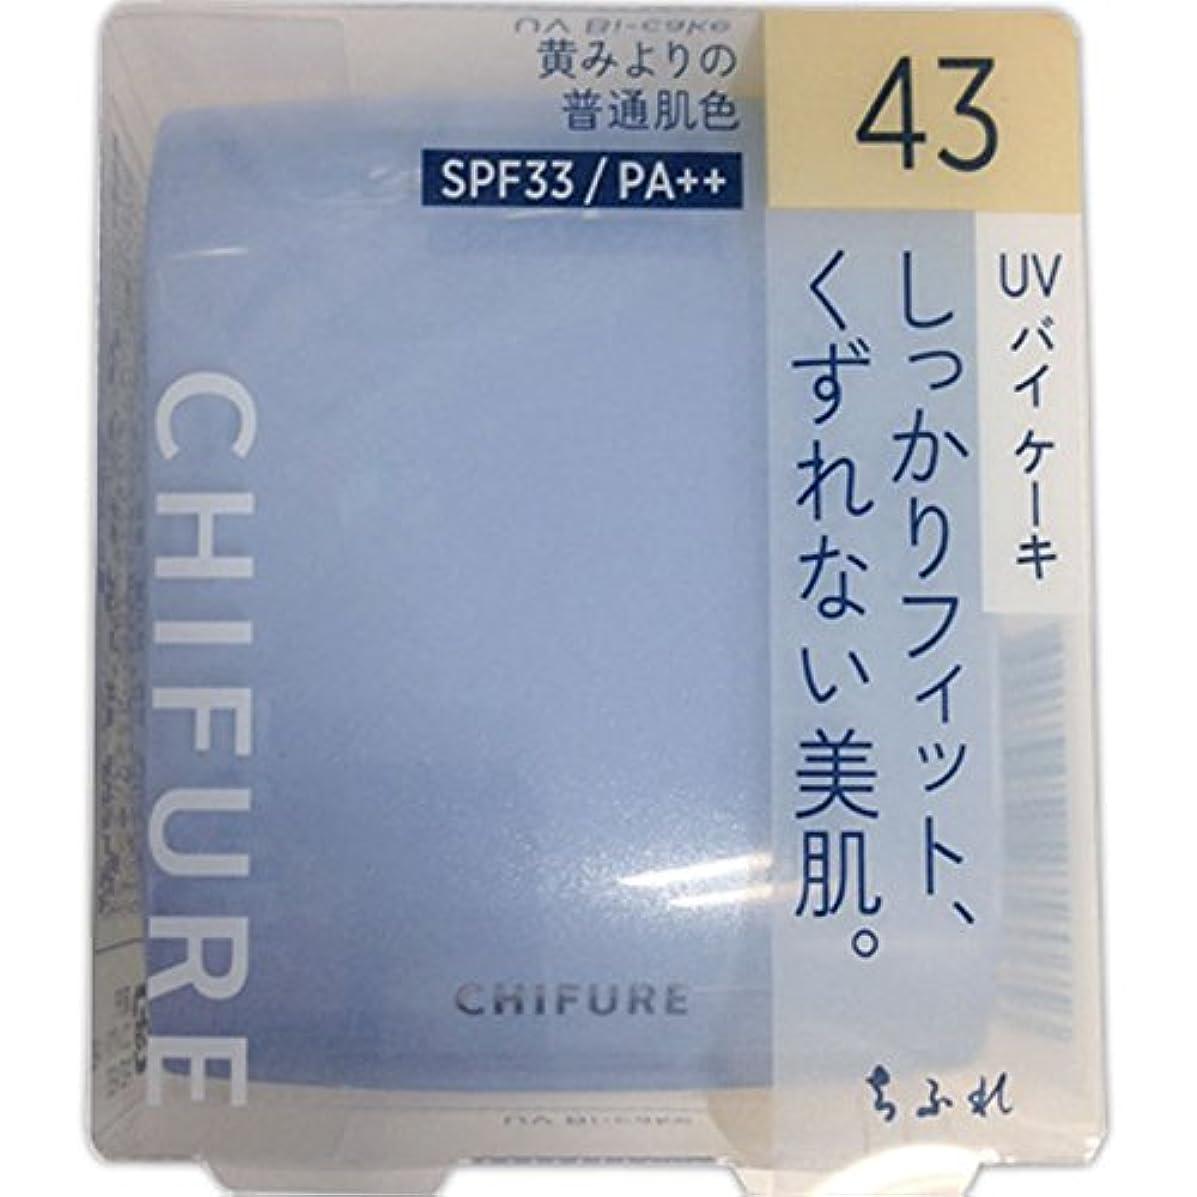 アンティーク外観君主制ちふれ化粧品 UV バイ ケーキ(スポンジ入り) 43 黄みよりの普通肌色 43